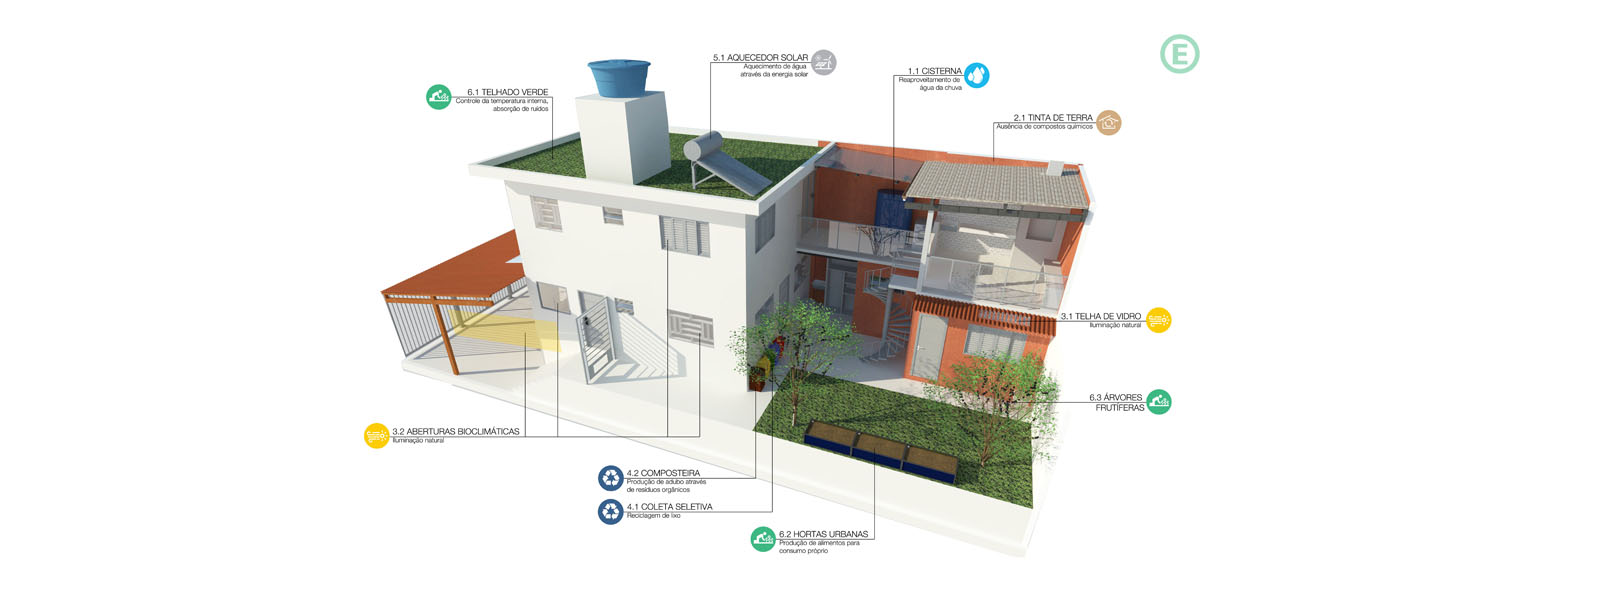 arquitetura-sustentavel-capa